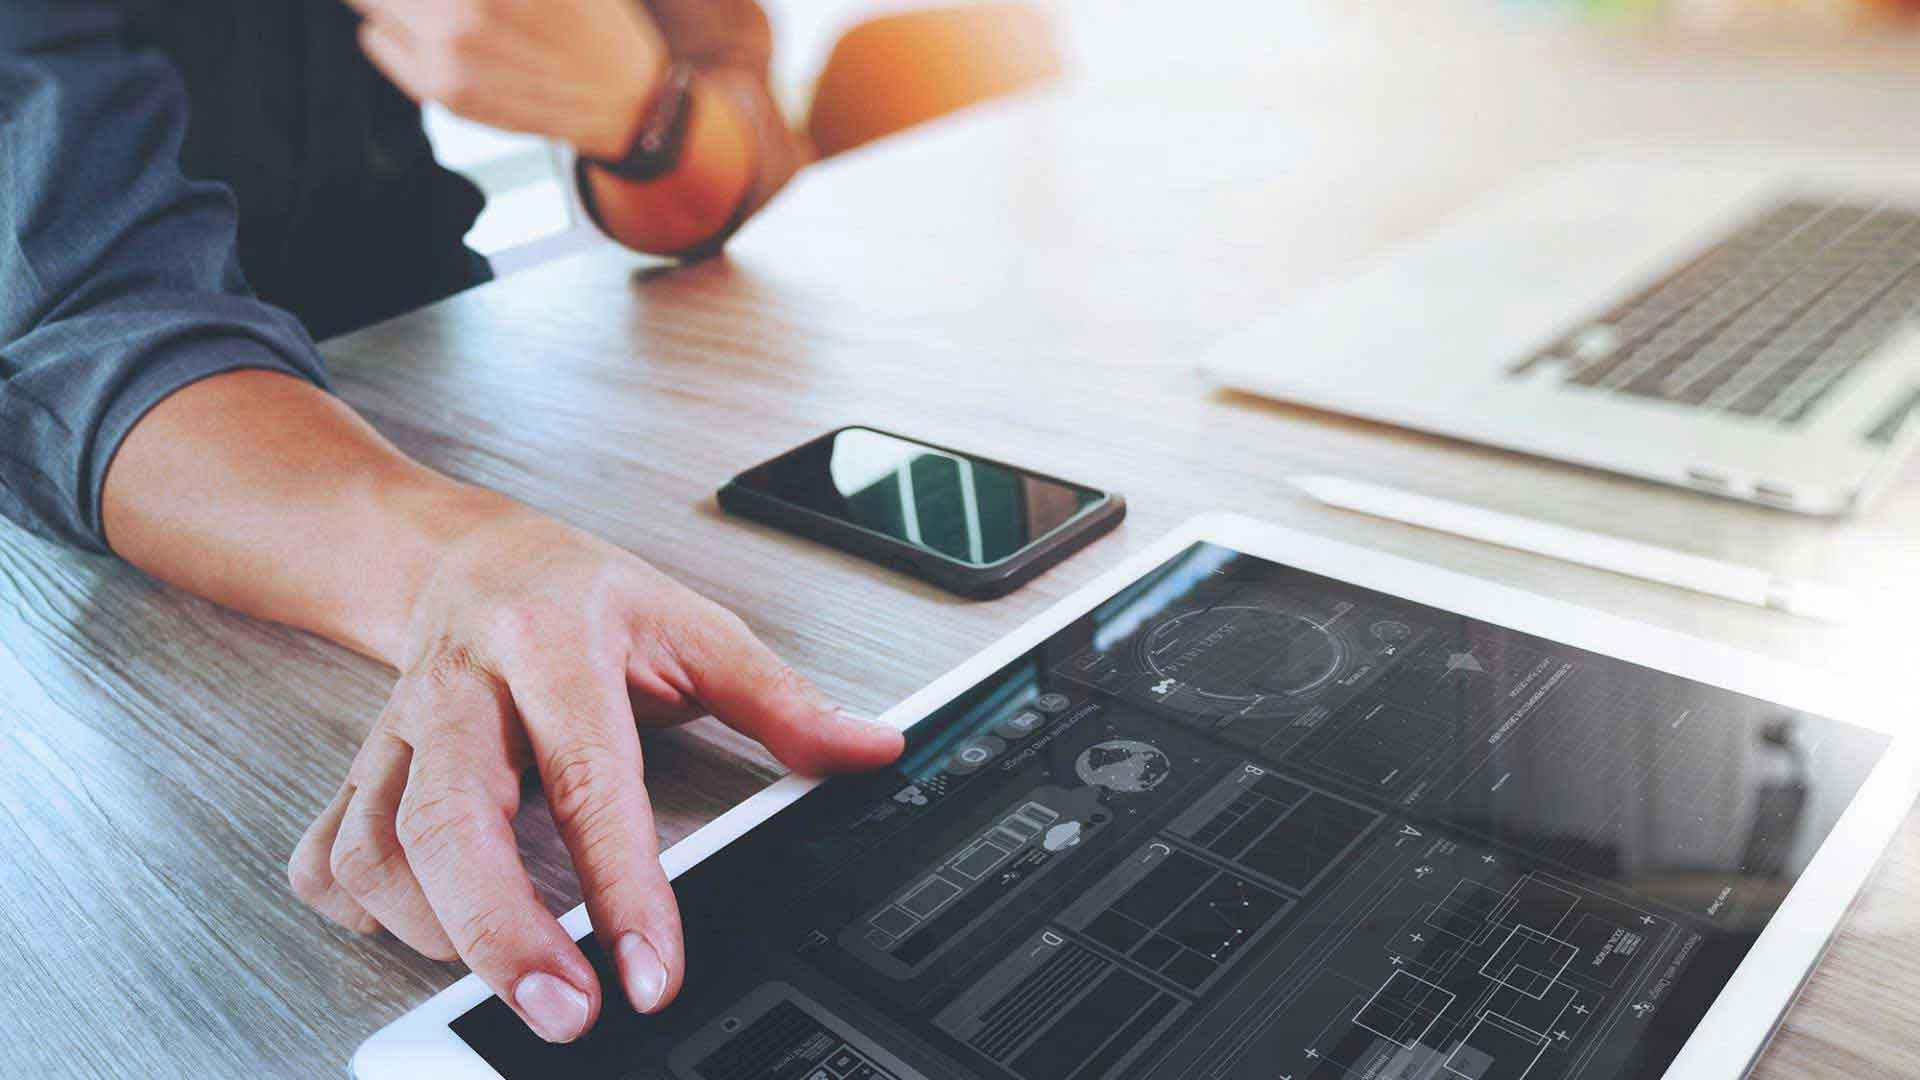 Разработка веб-приложений для бизнеса